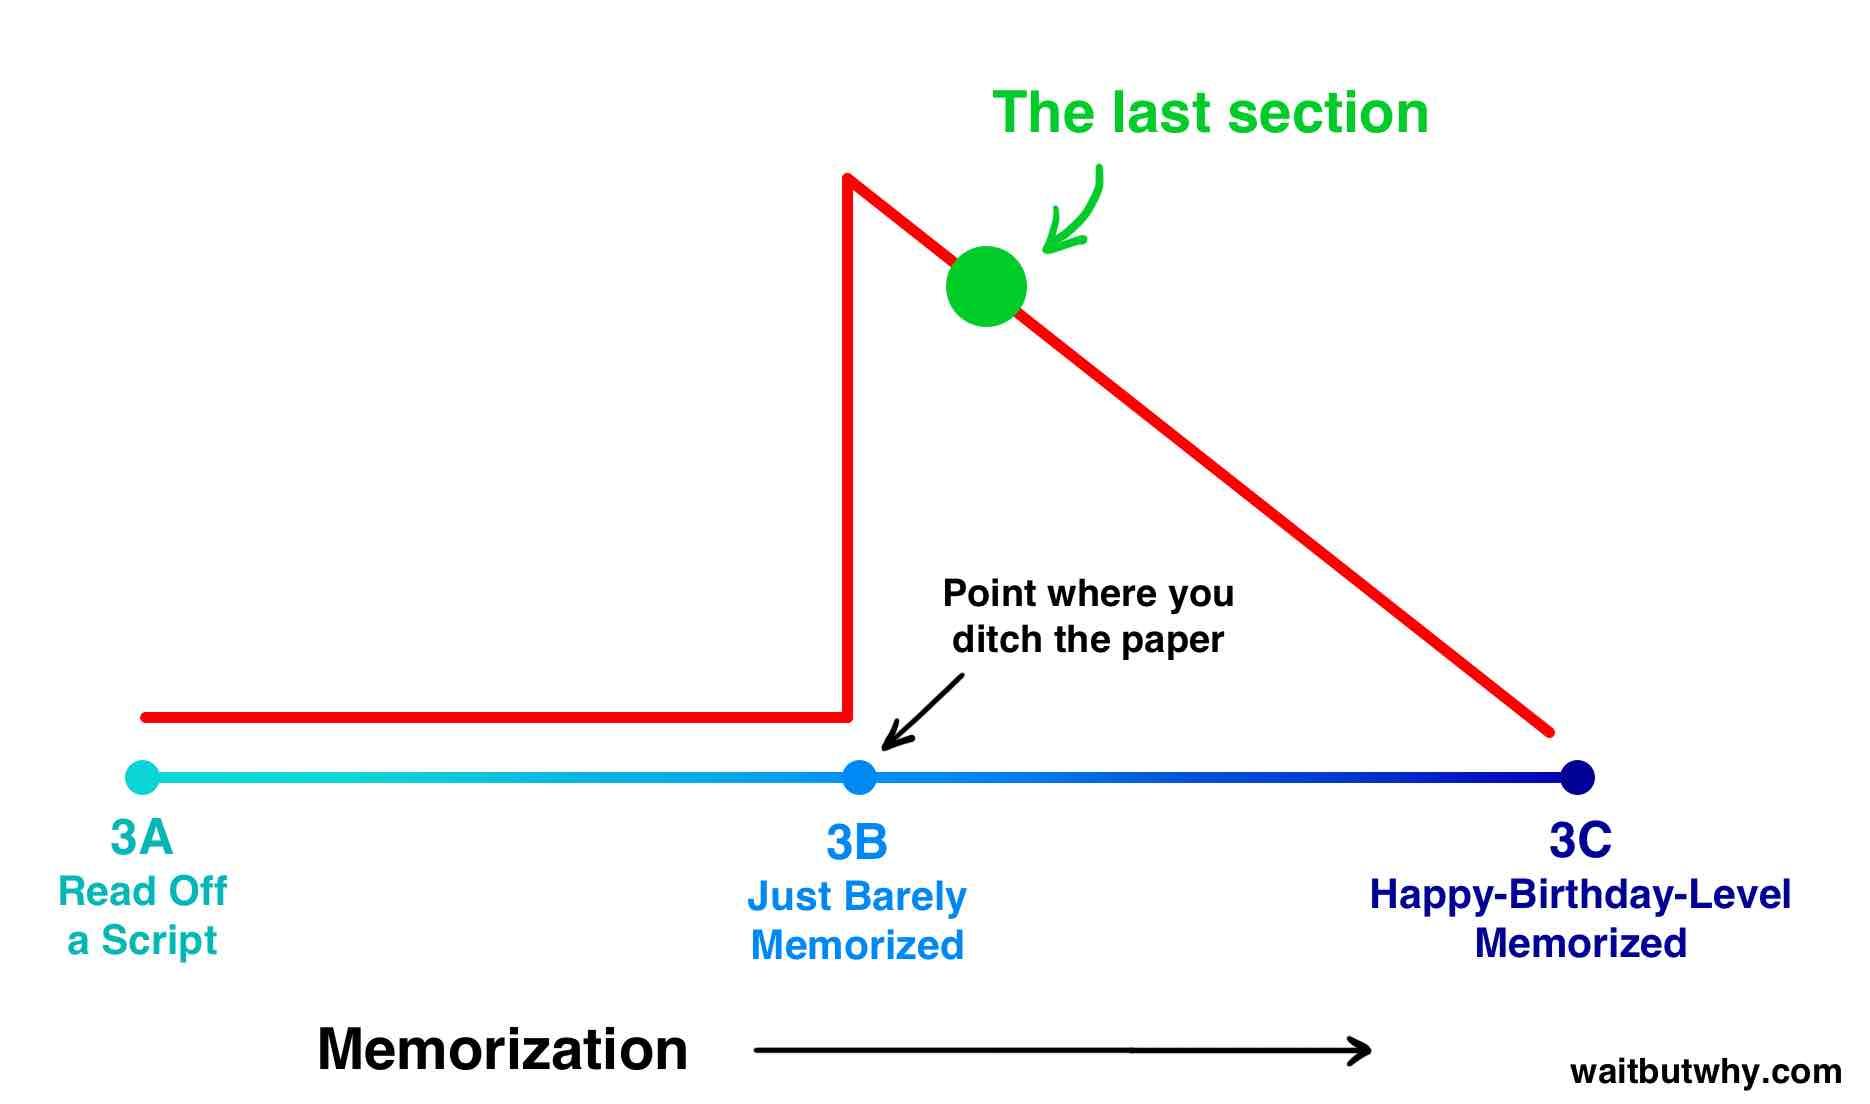 Memorization risk graph 2